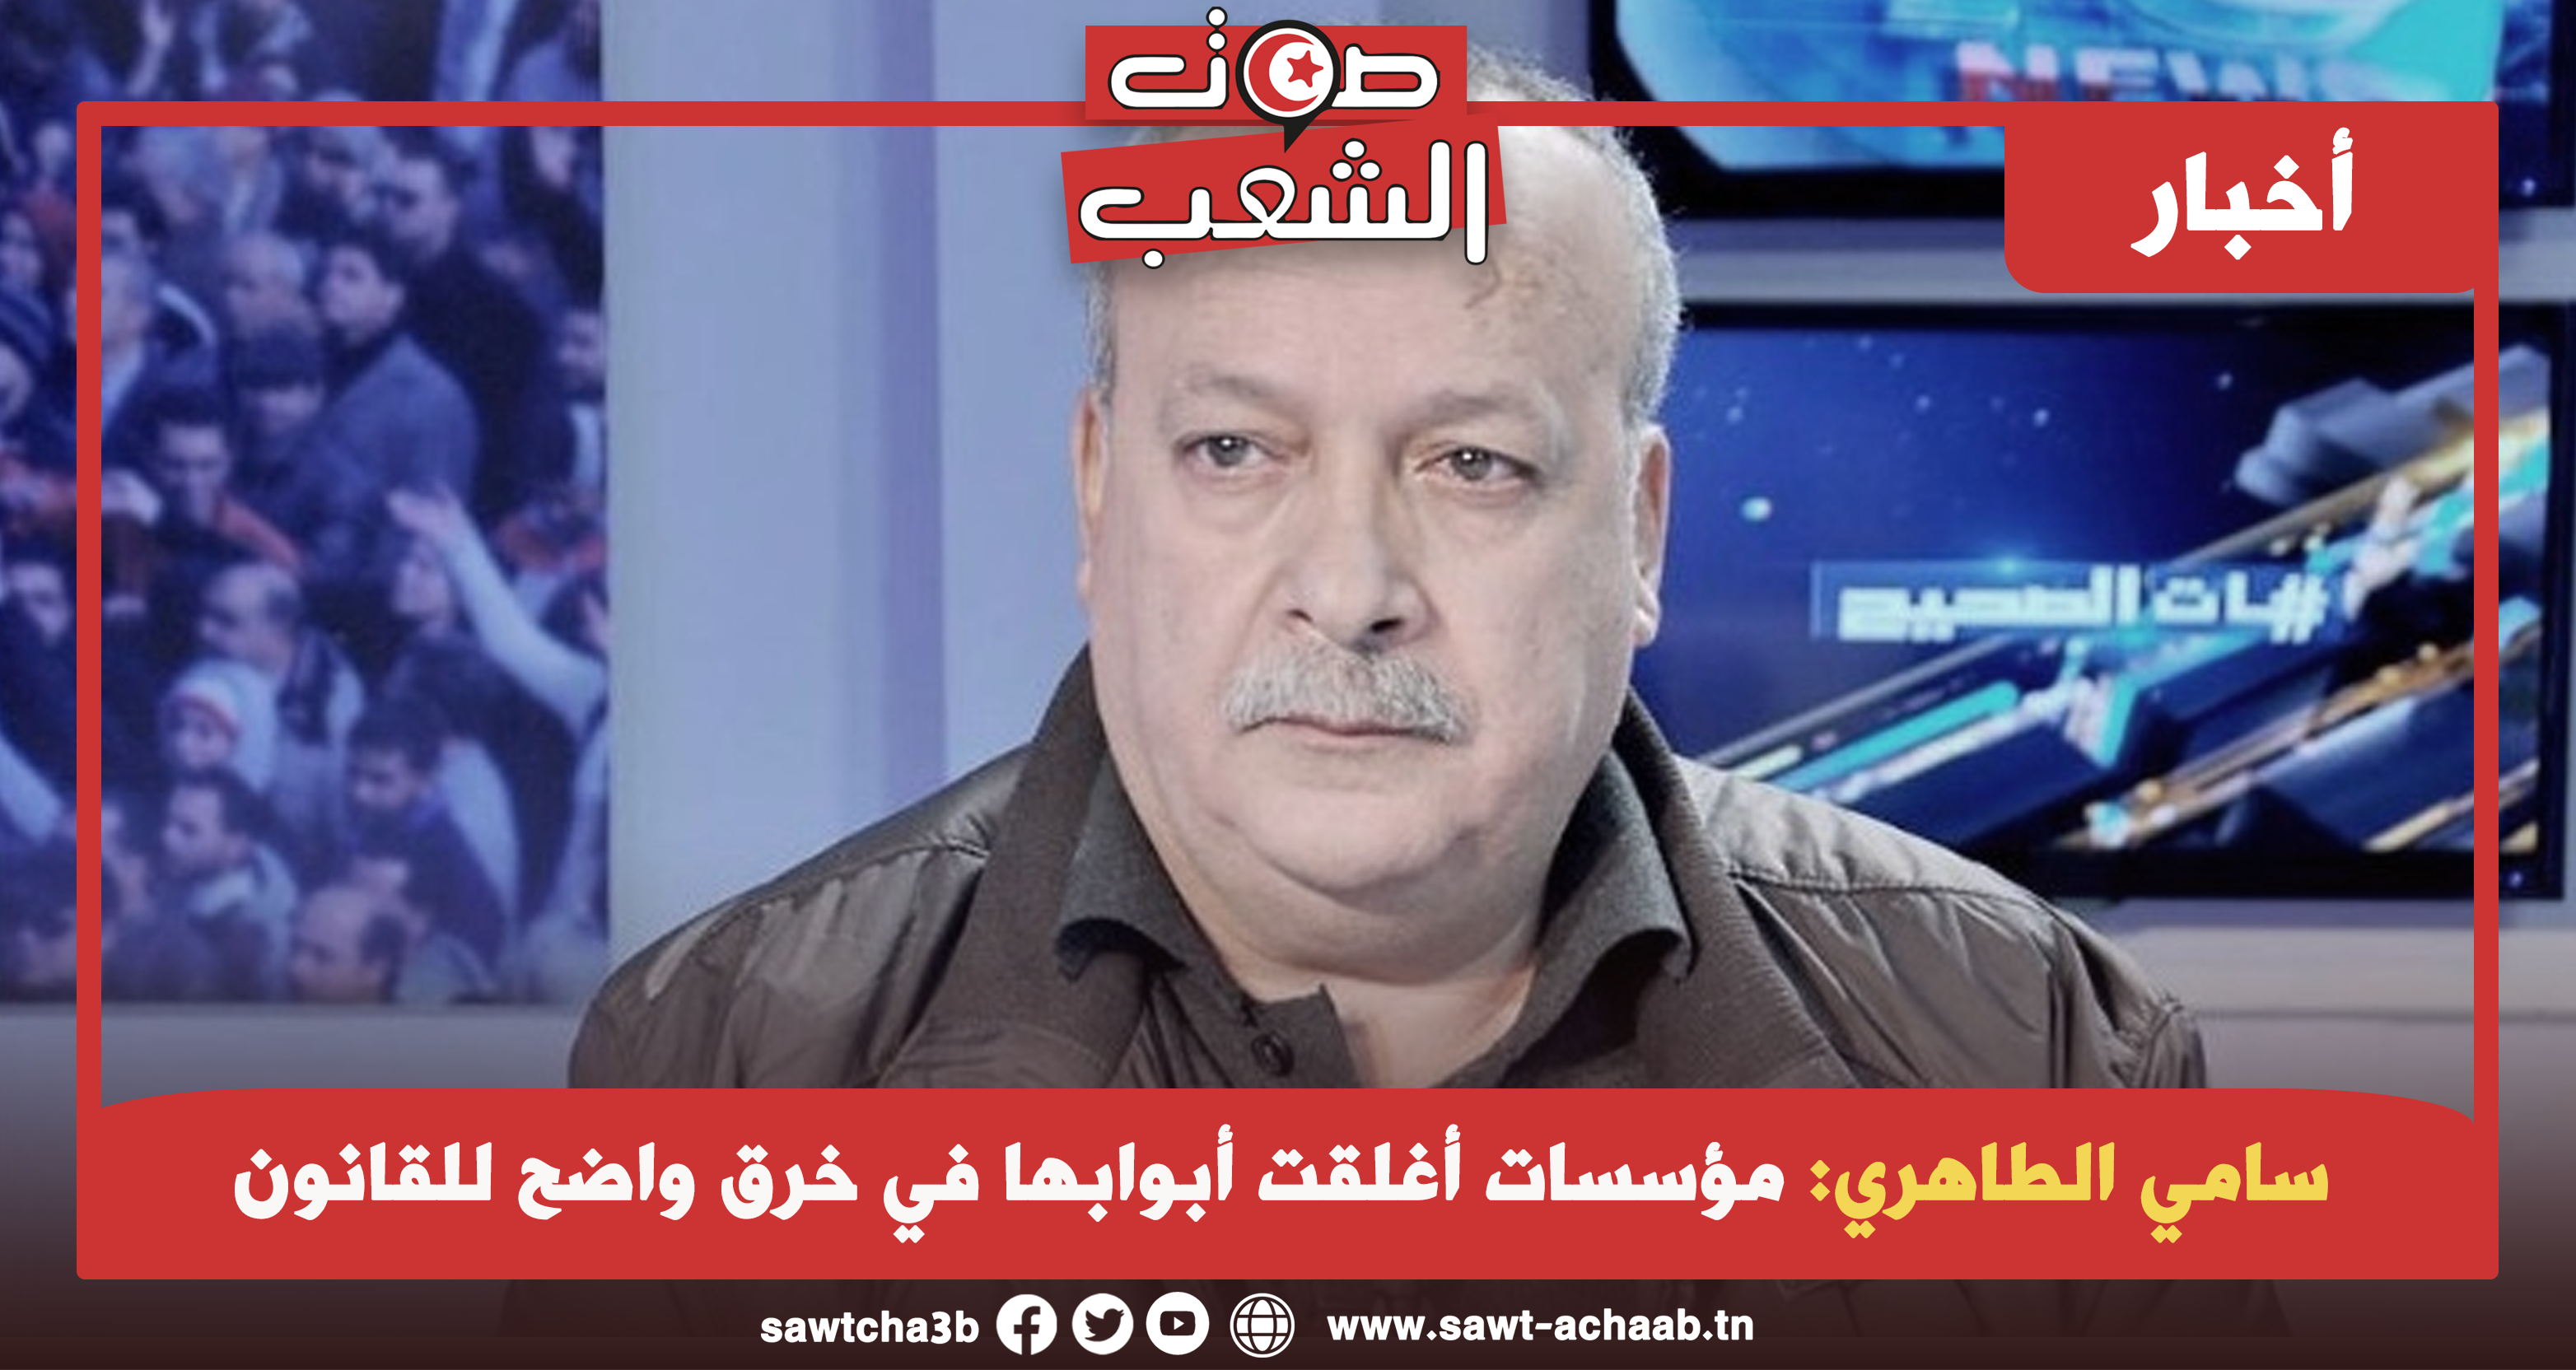 سامي الطاهري: مؤسسات أغلقت أبوابها في خرق واضح للقانون